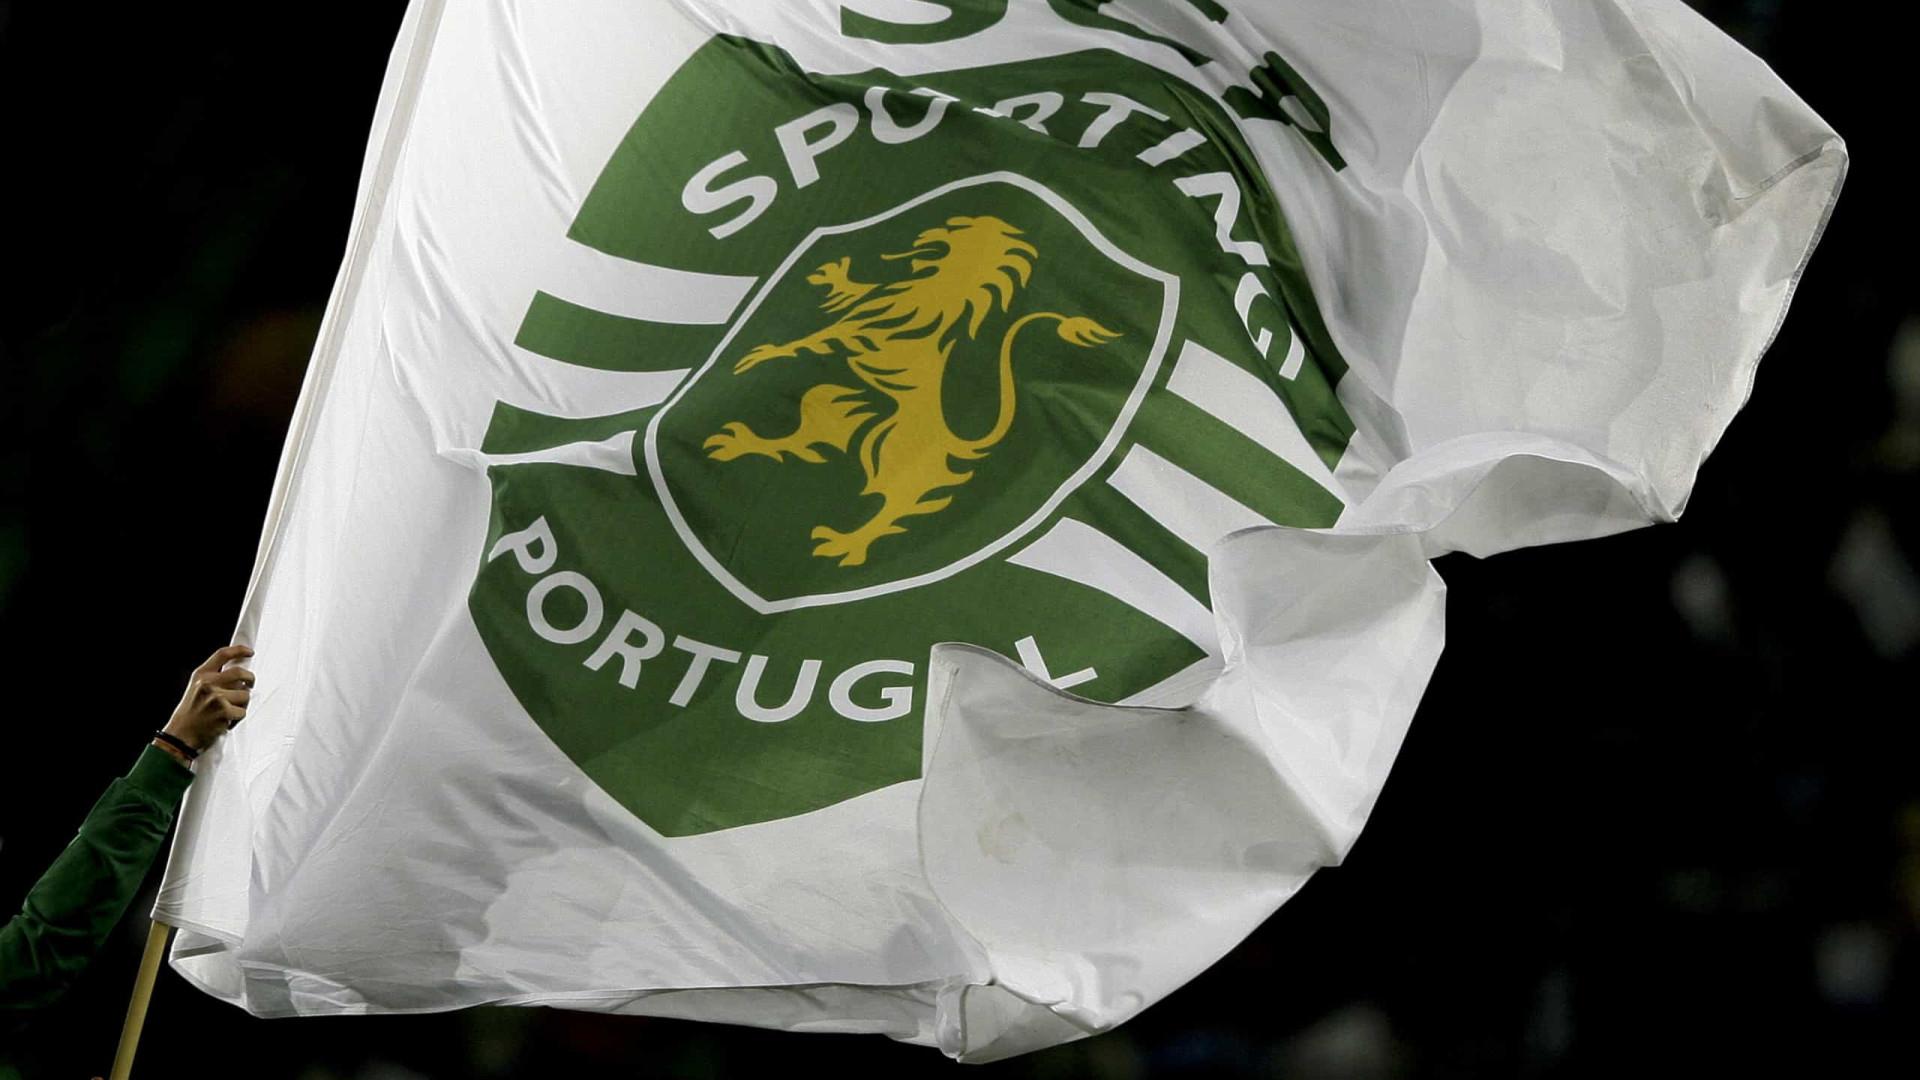 Seis candidatos para afugentar o 'fantasma' de Bruno de Carvalho